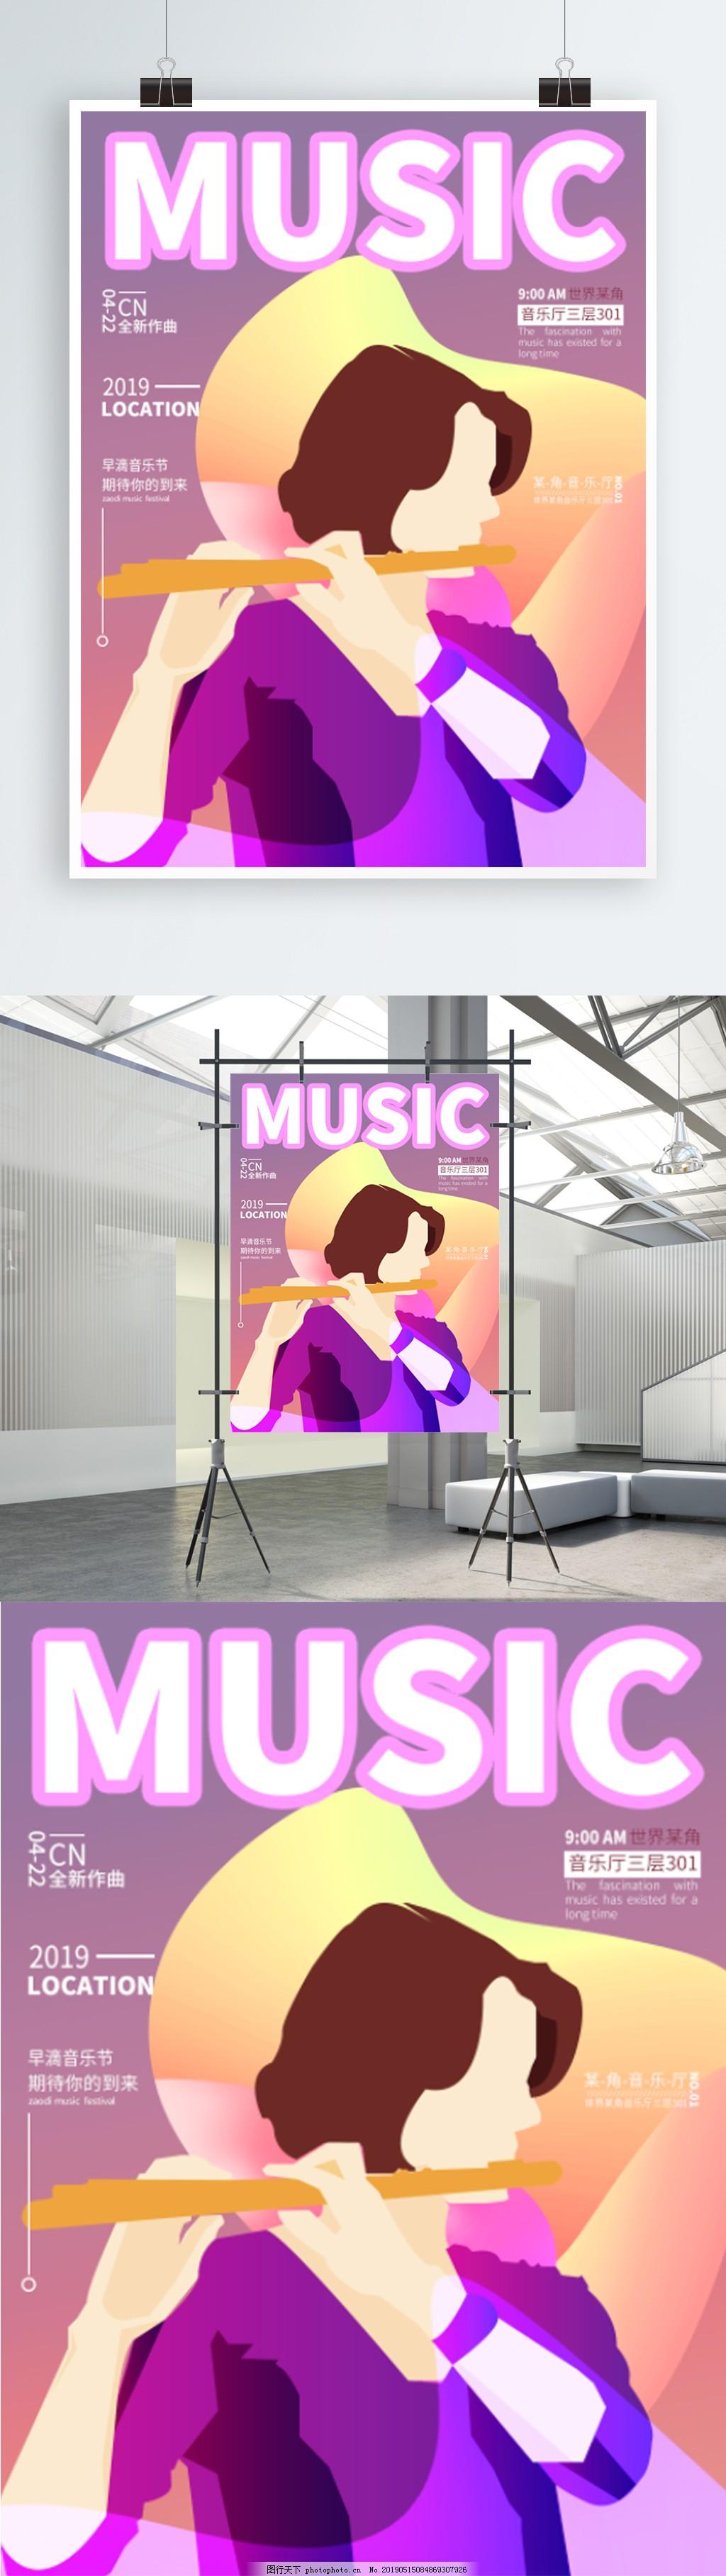 原创插画音乐海报